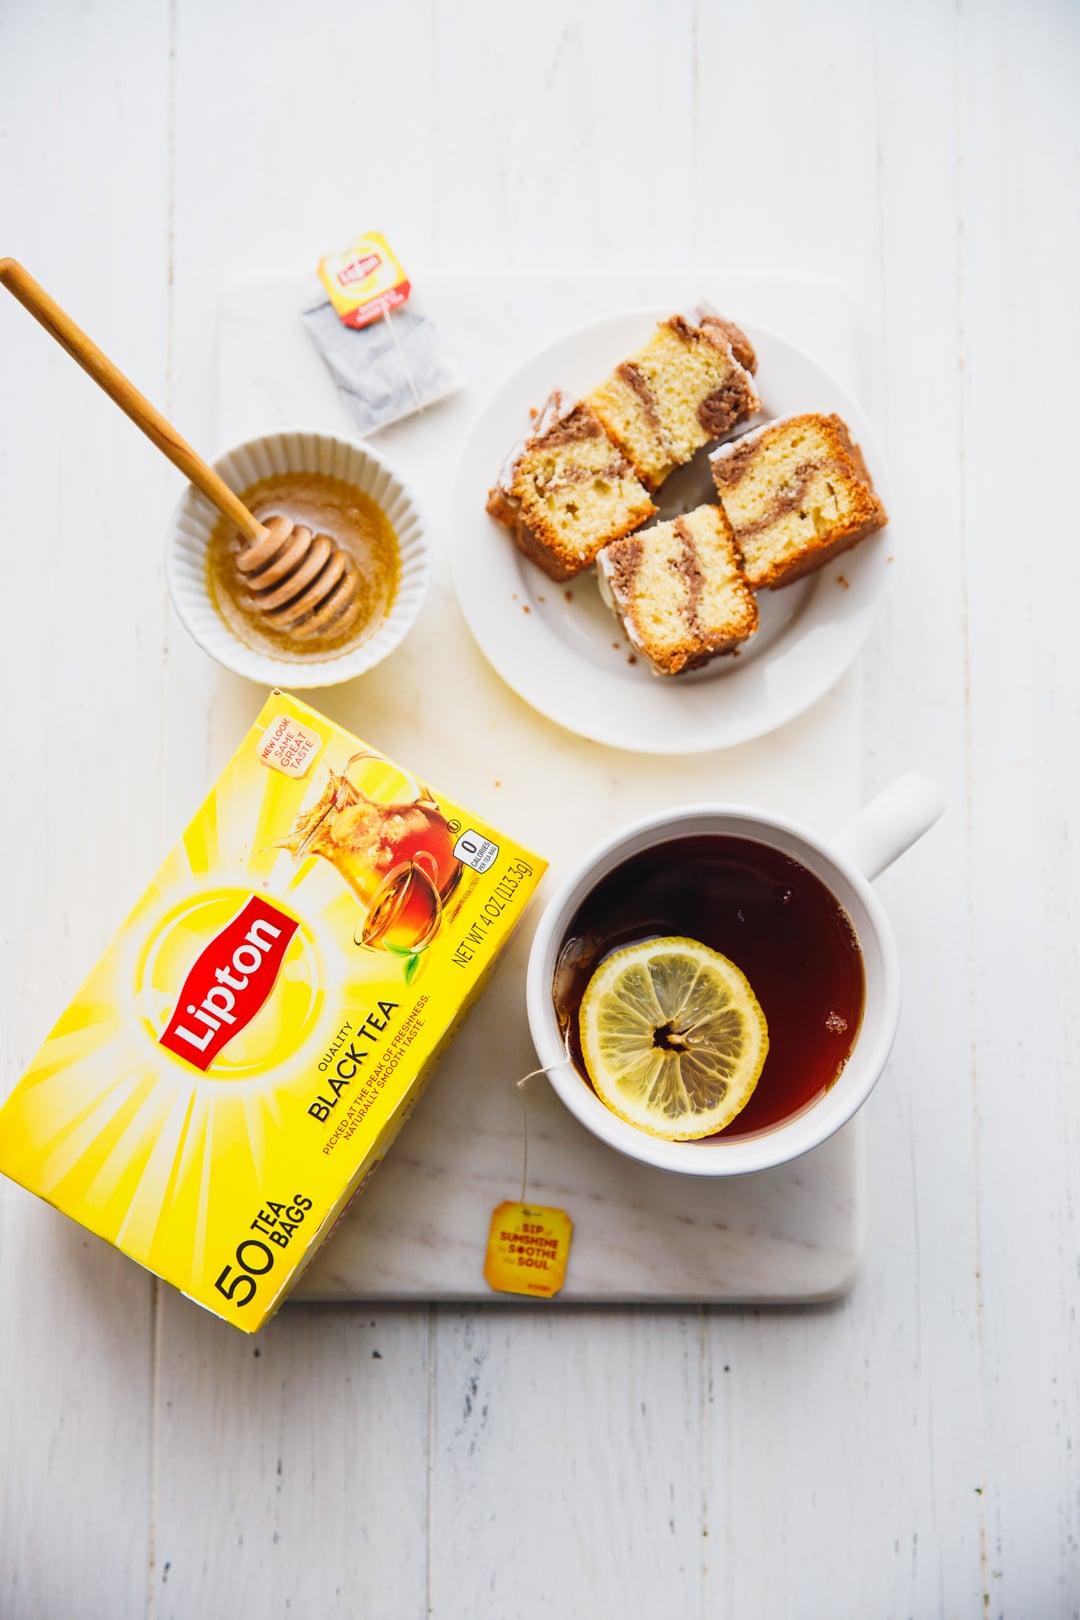 okozhat-e fogyást a lipton tea